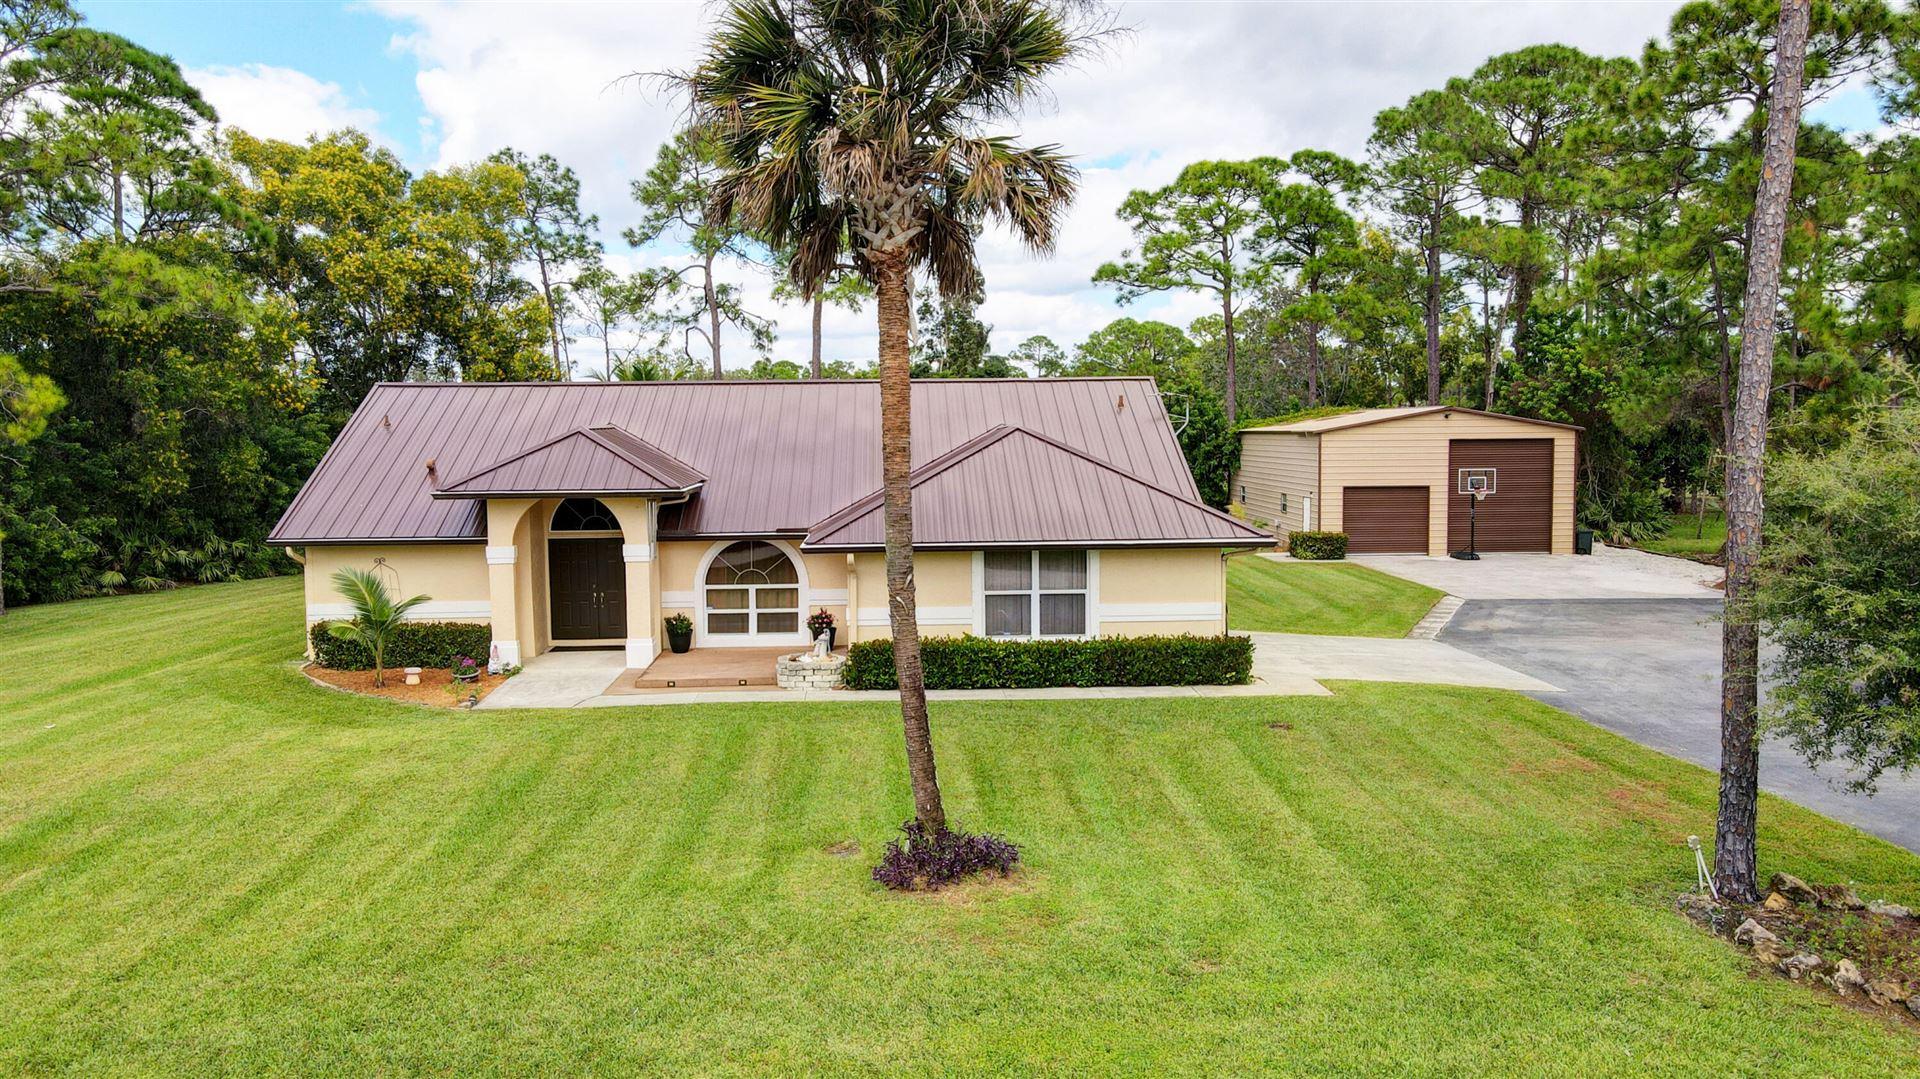 12061 N 66th Street N, West Palm Beach, FL 33412 - MLS#: RX-10754379